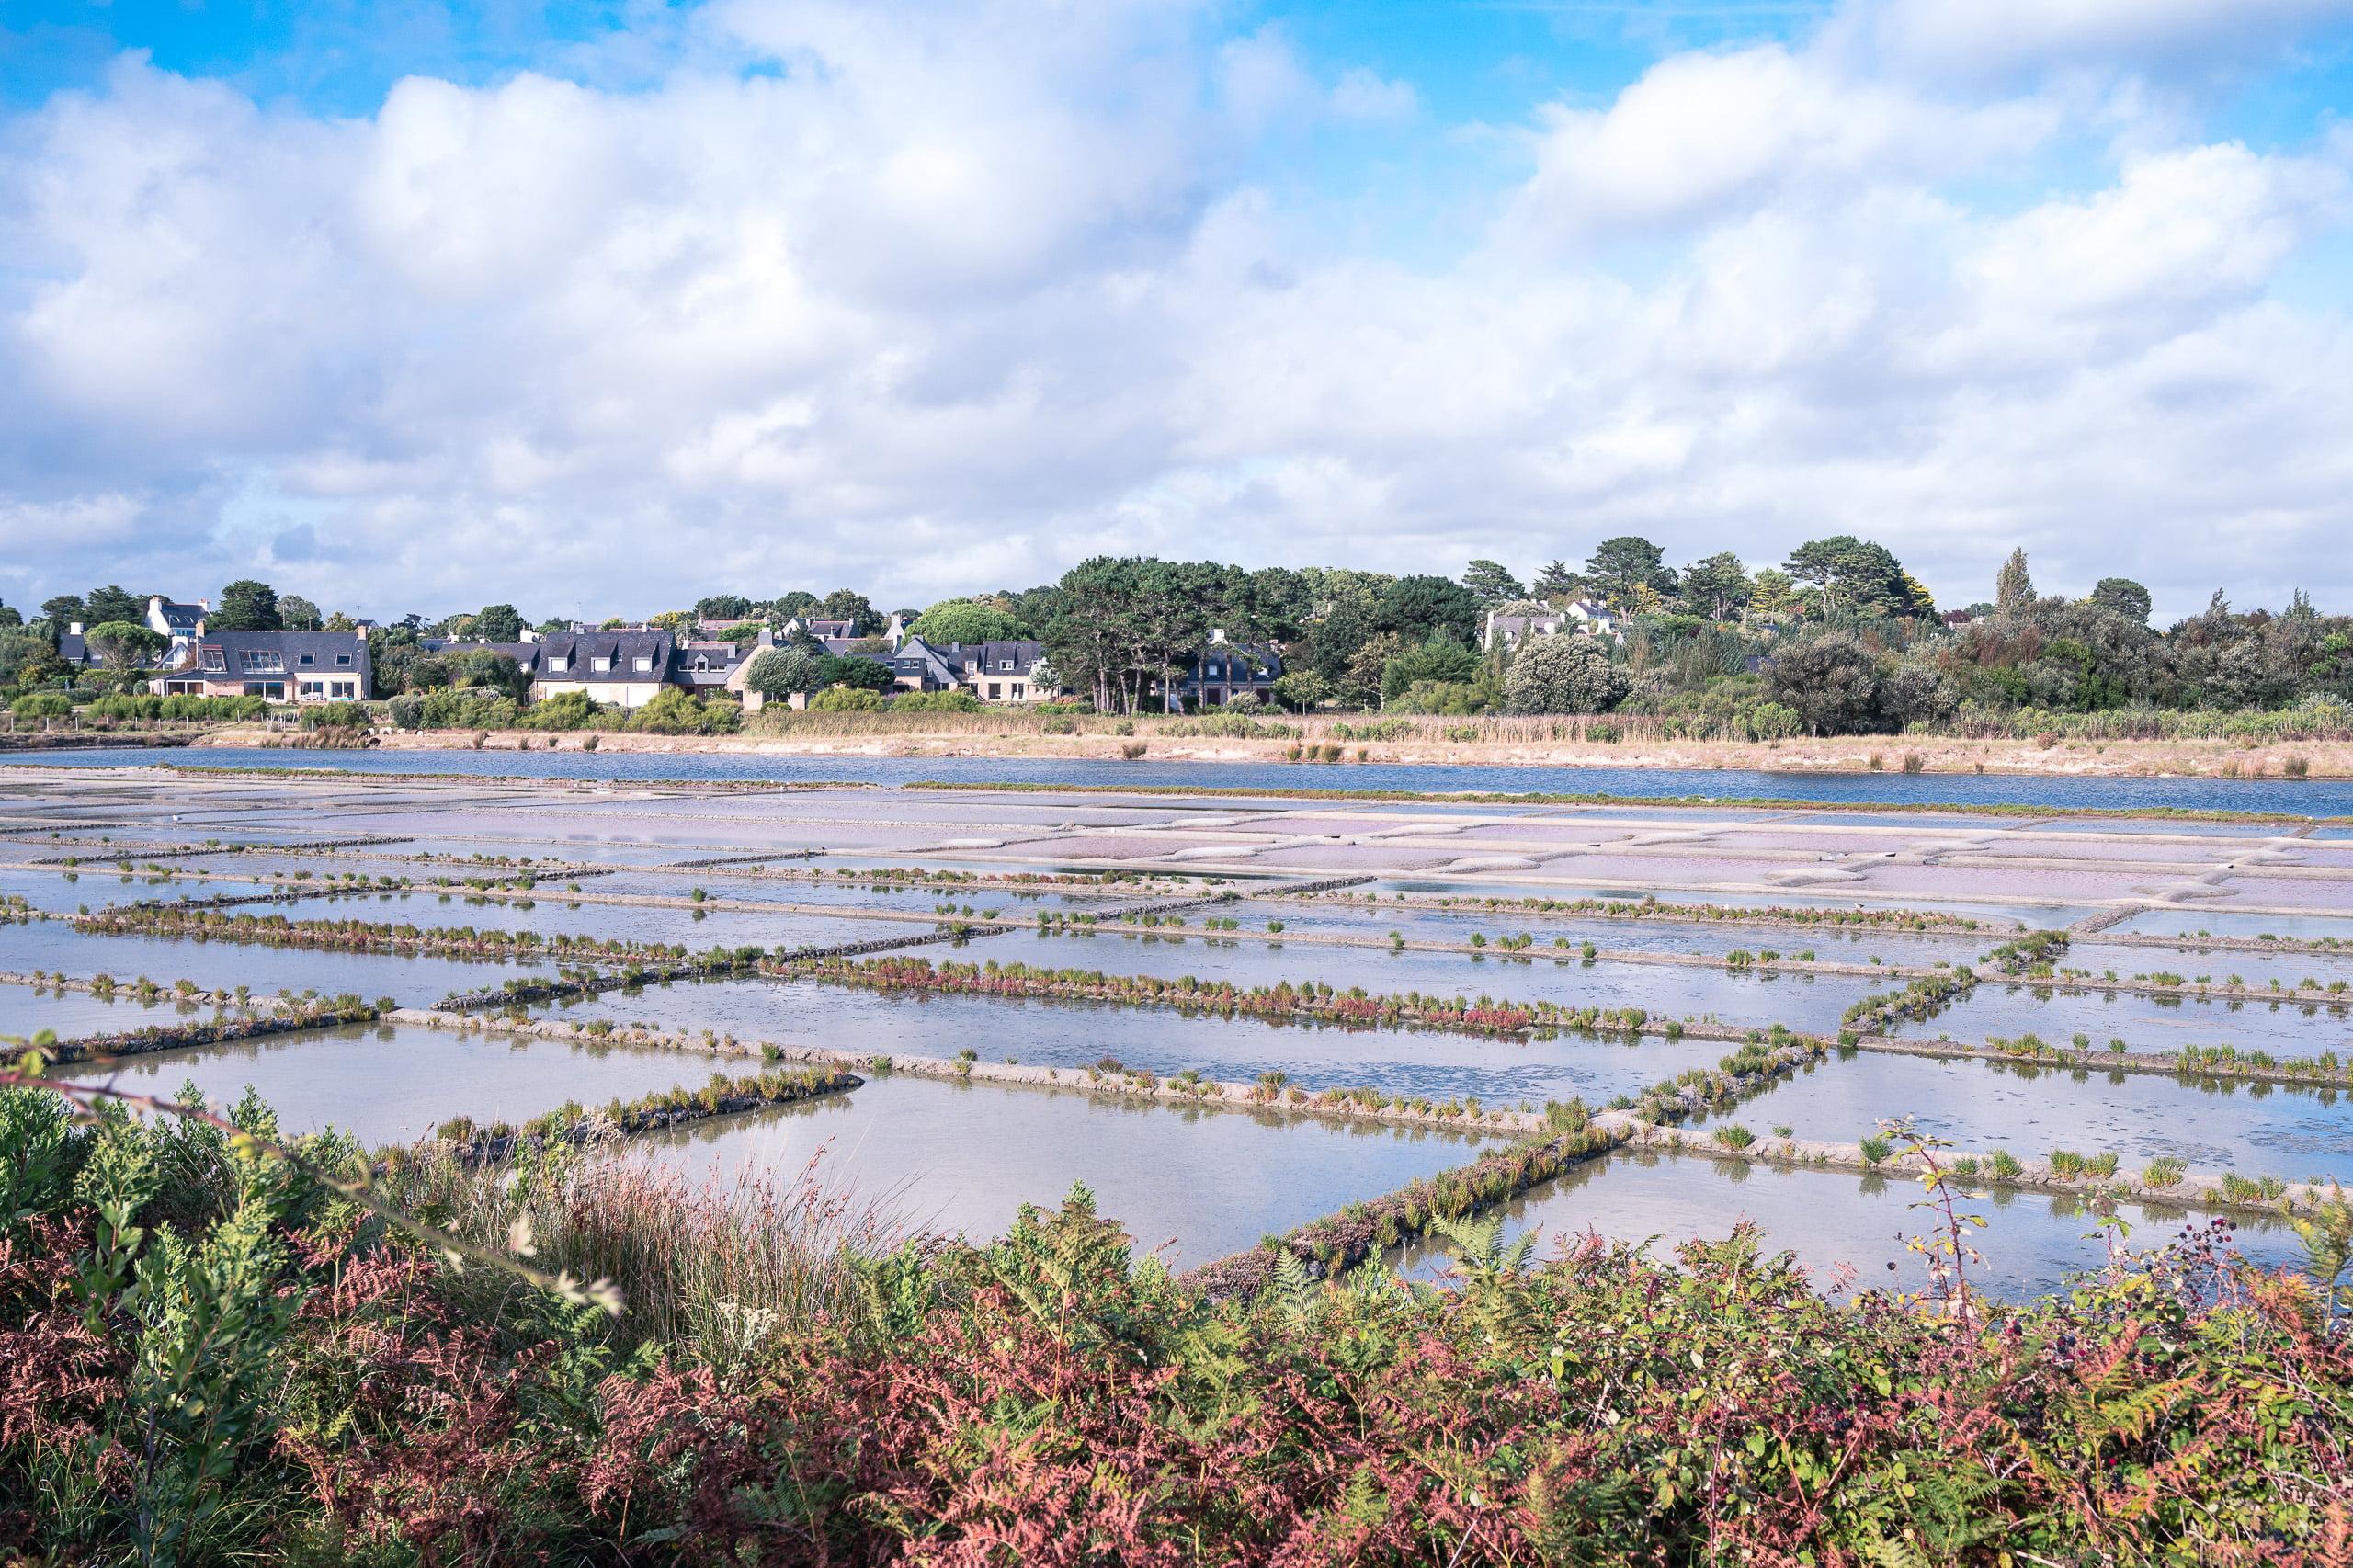 Marais salant plage de kervillen - baie de quiberon